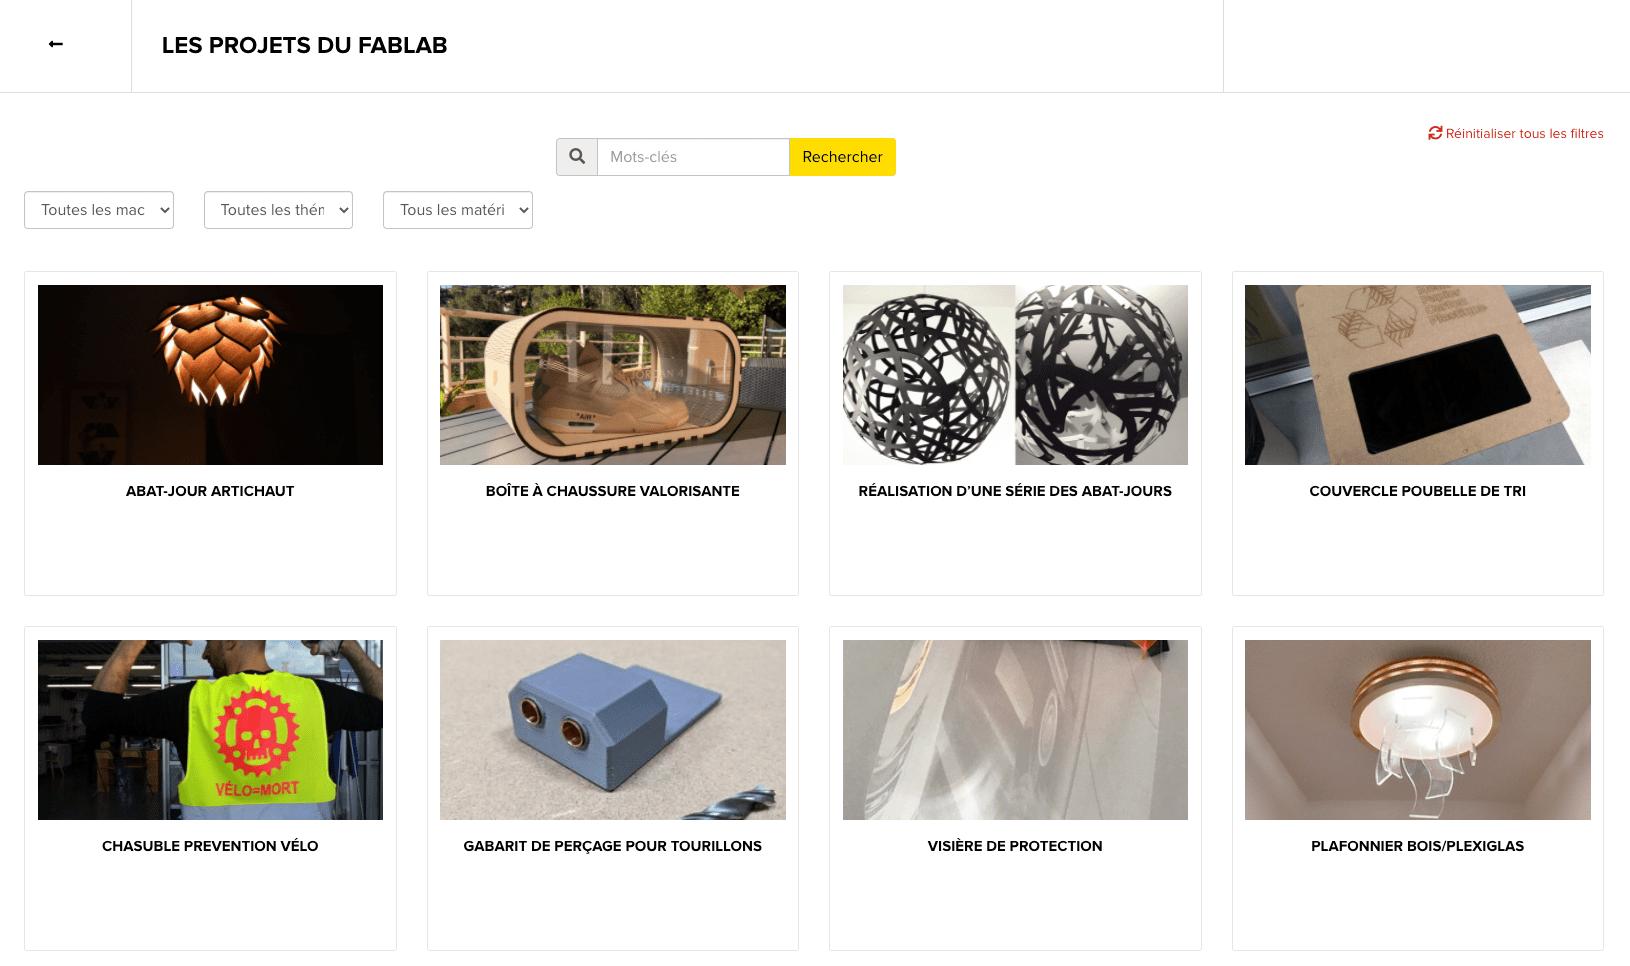 Favorisez le partage d'expériences et de savoirs, grâce à cette galerie qui réunie tous les projets documentés et publiés par vos membres.